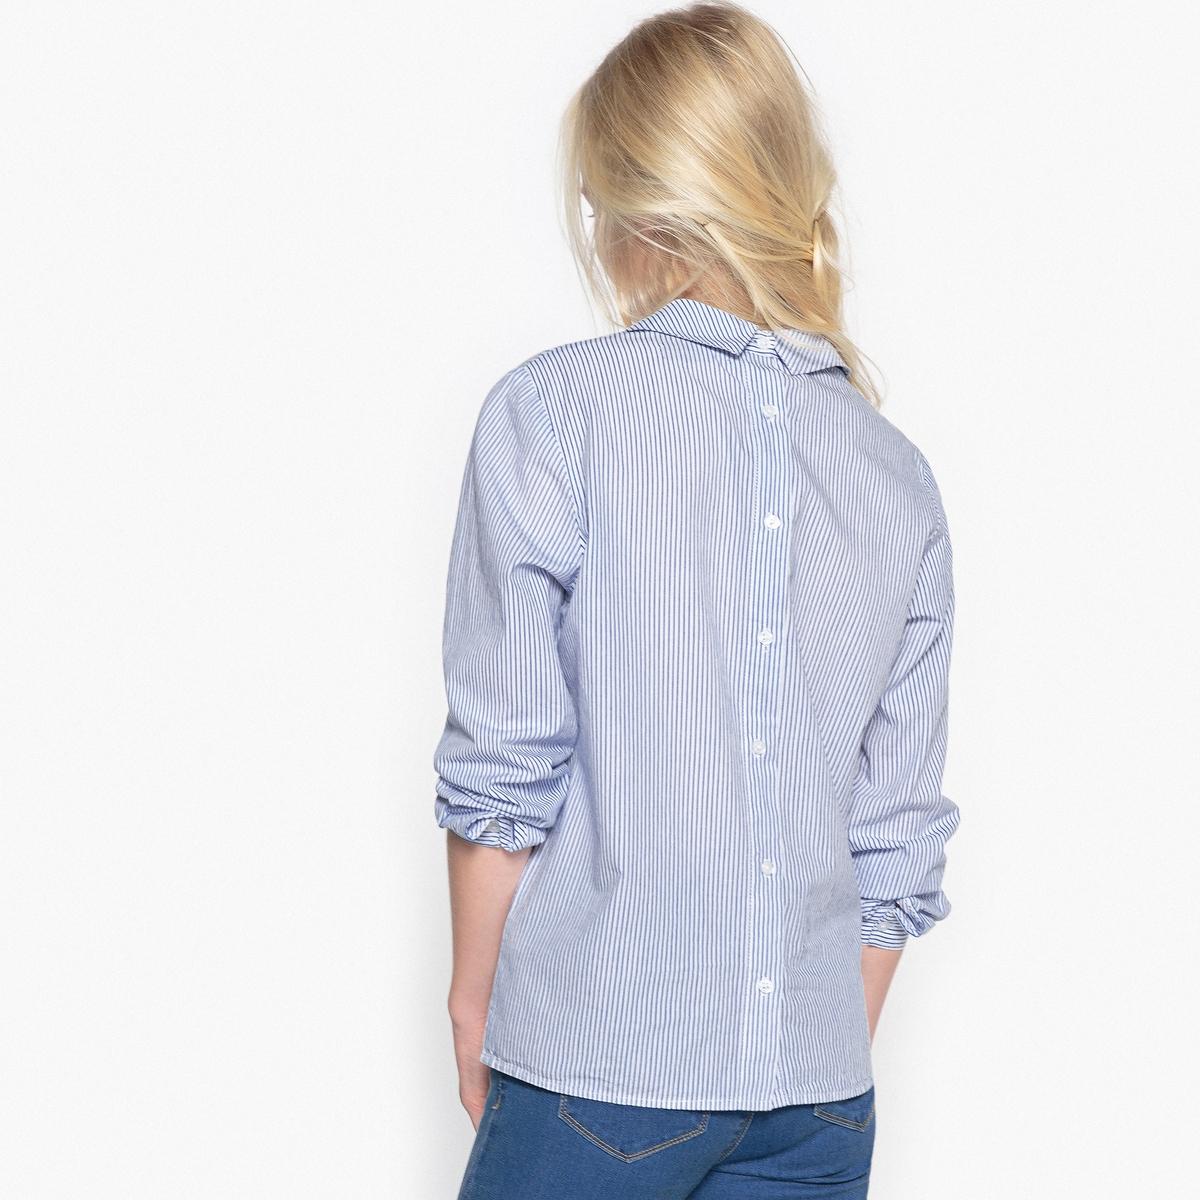 Рубашка в полоску с застежкой на пуговицы сзади, 10-16 лет